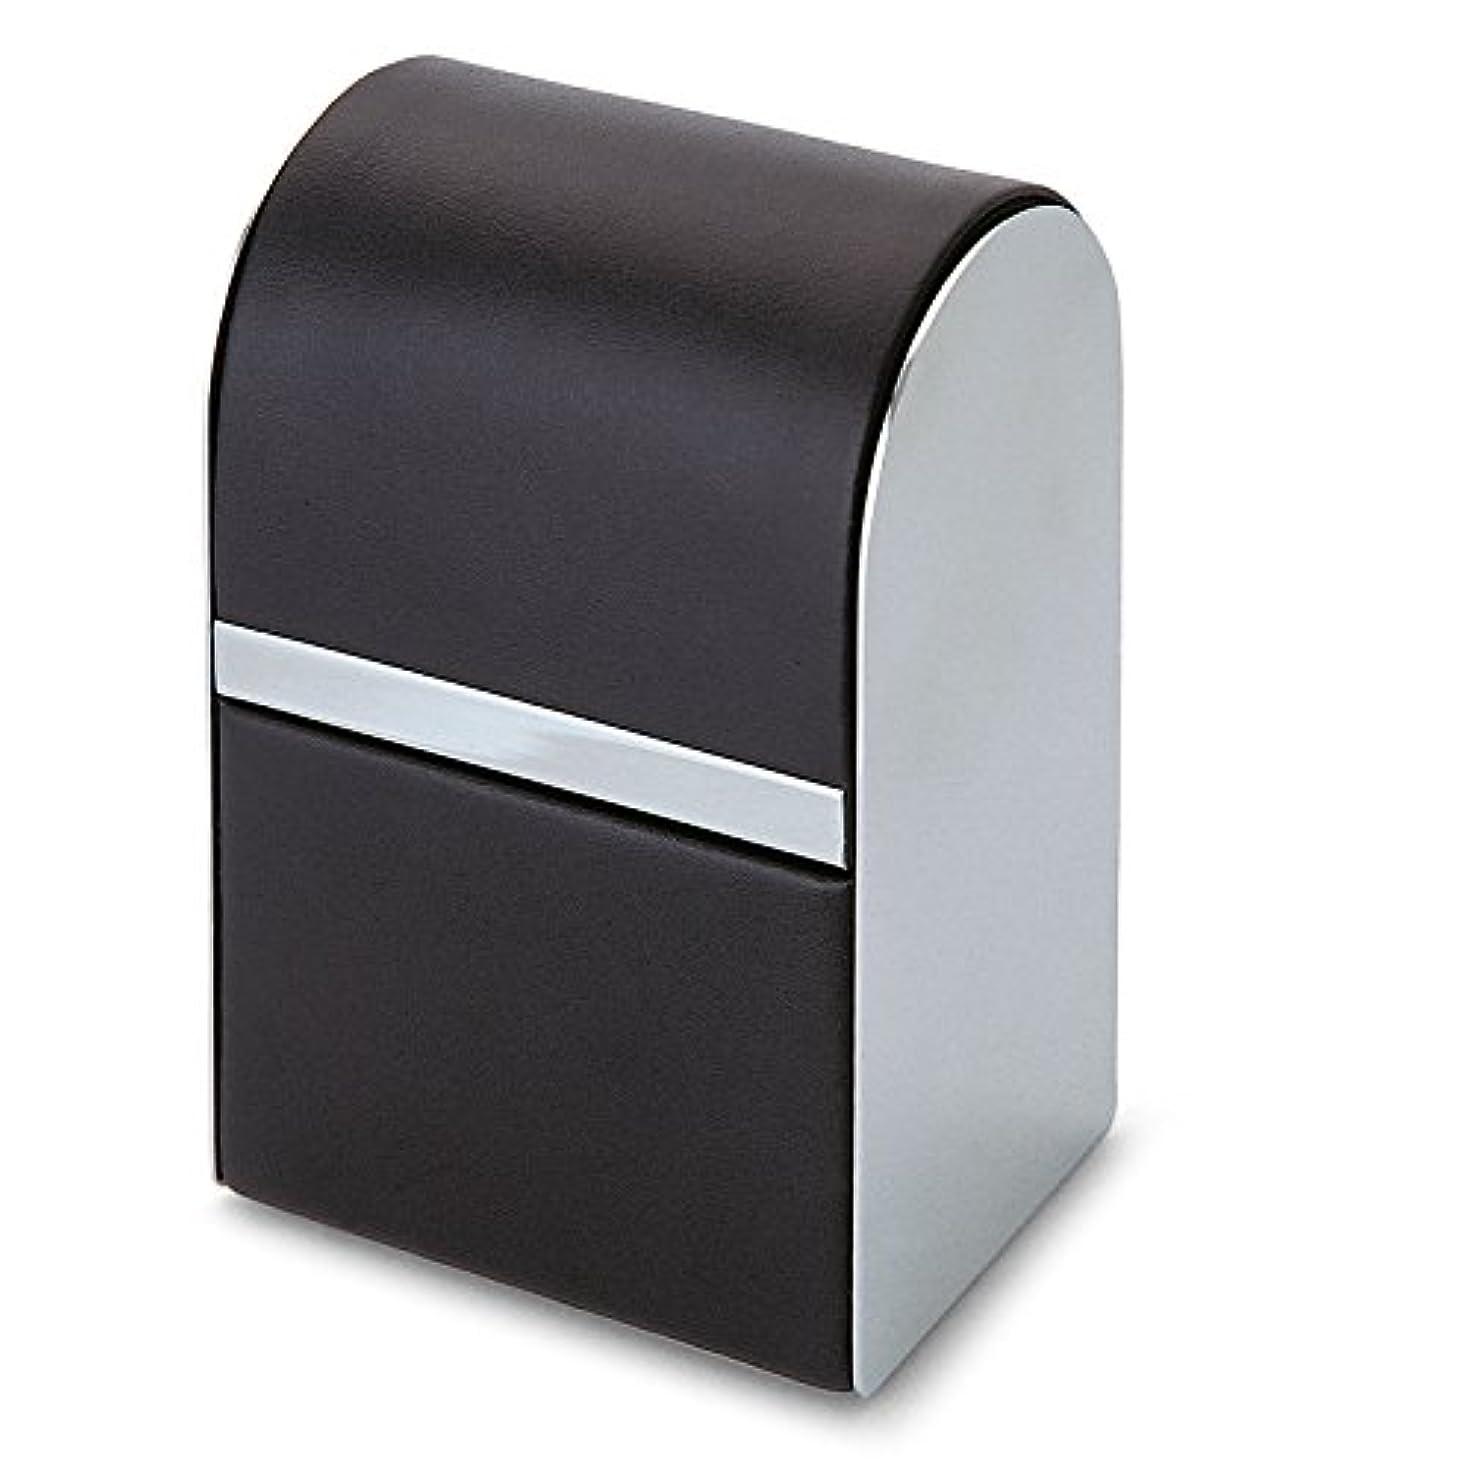 能力礼儀クラスPhilippi Giorgio メンズ身だしなみキット 7pcsセット leather stainless polished